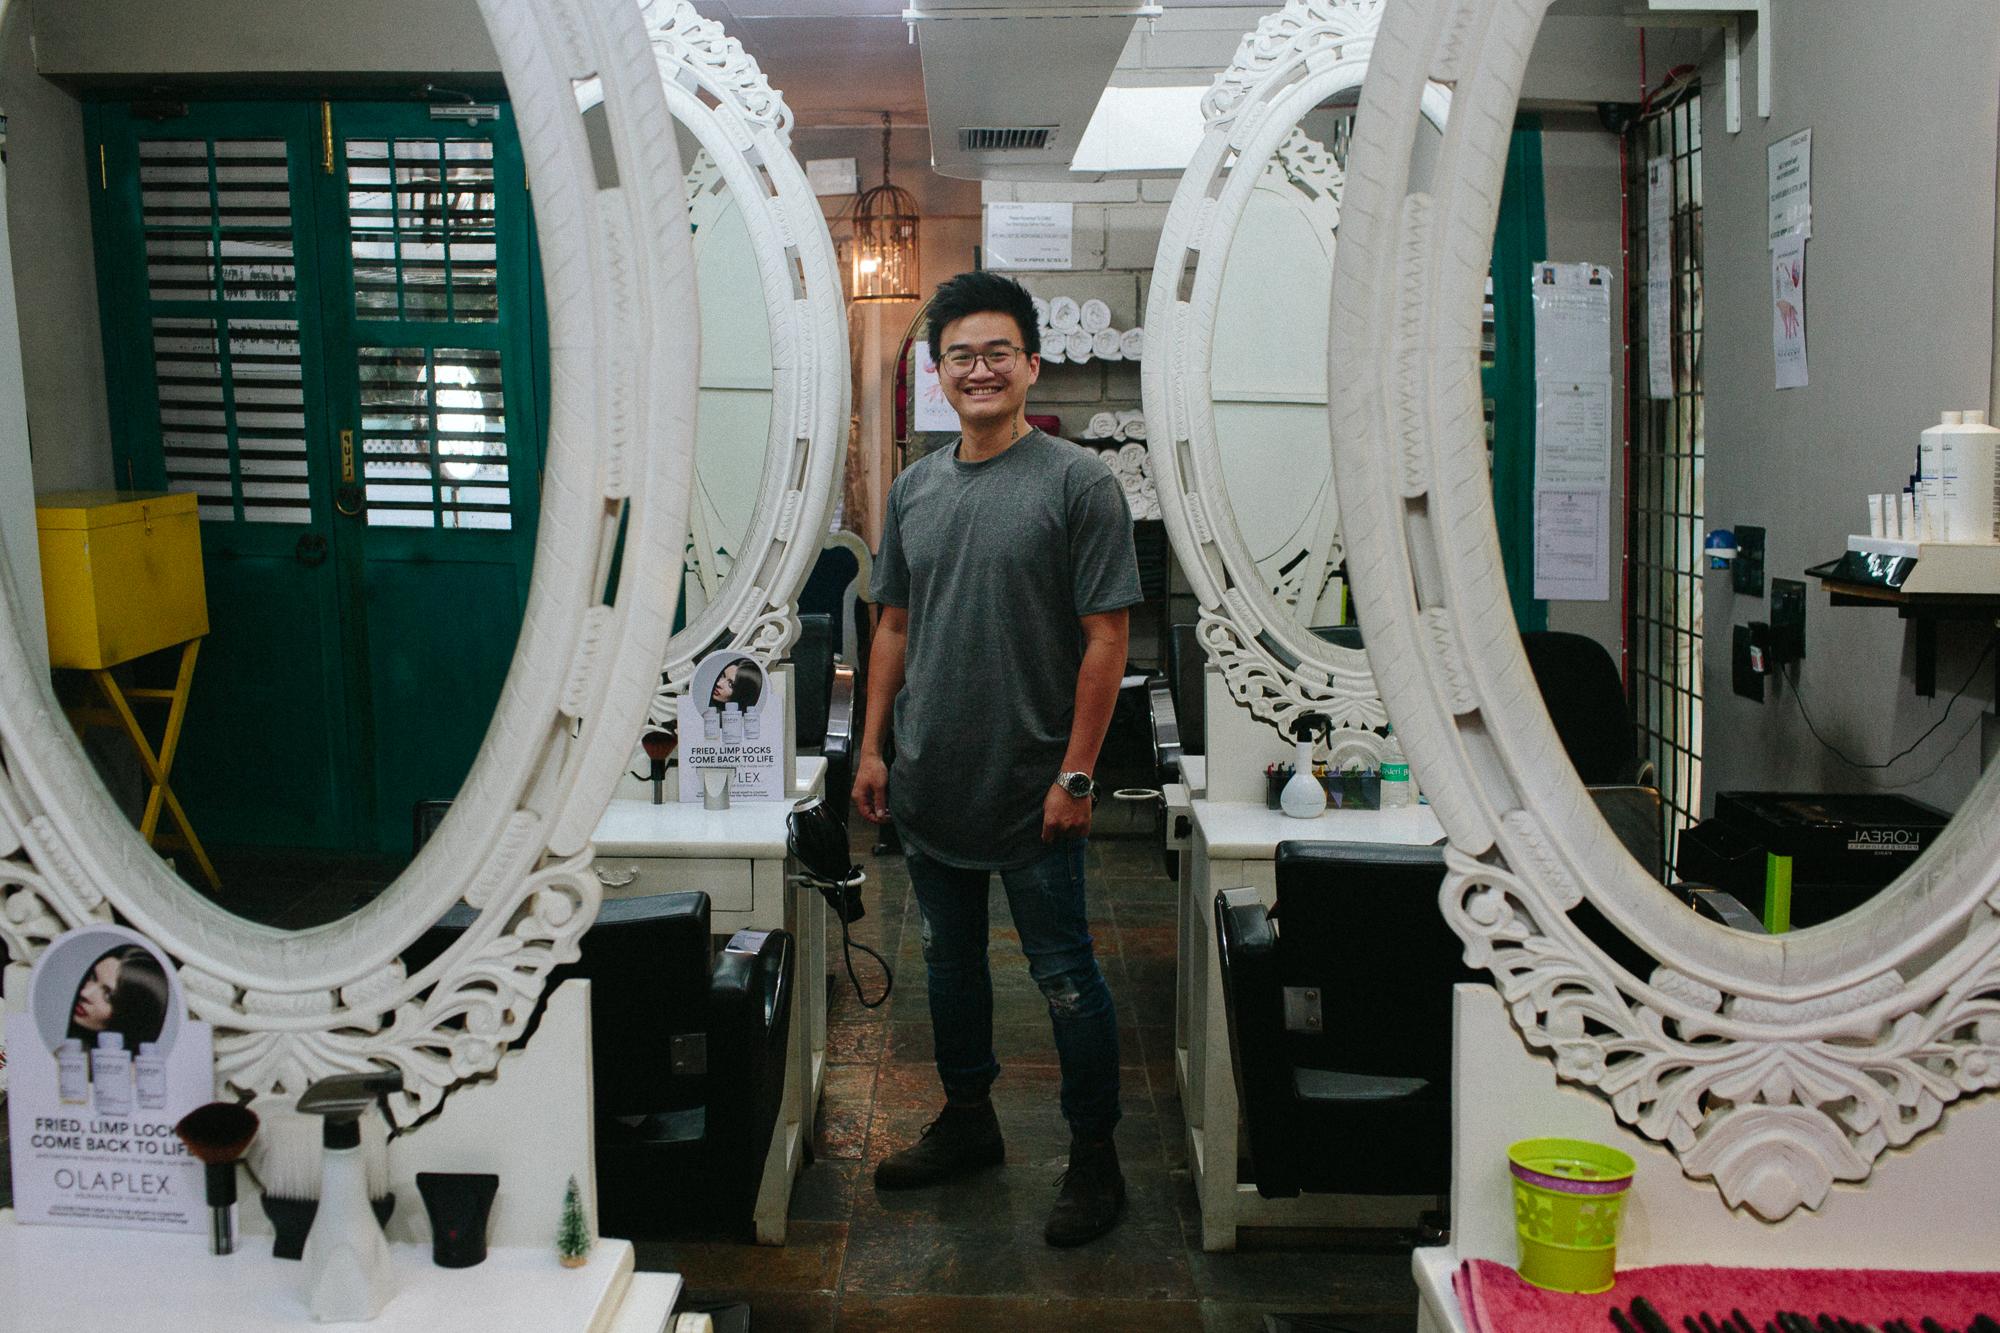 Danny Liao, Rock, Paper, Scissors | Goya Journal, Mark Swaroop, Soup